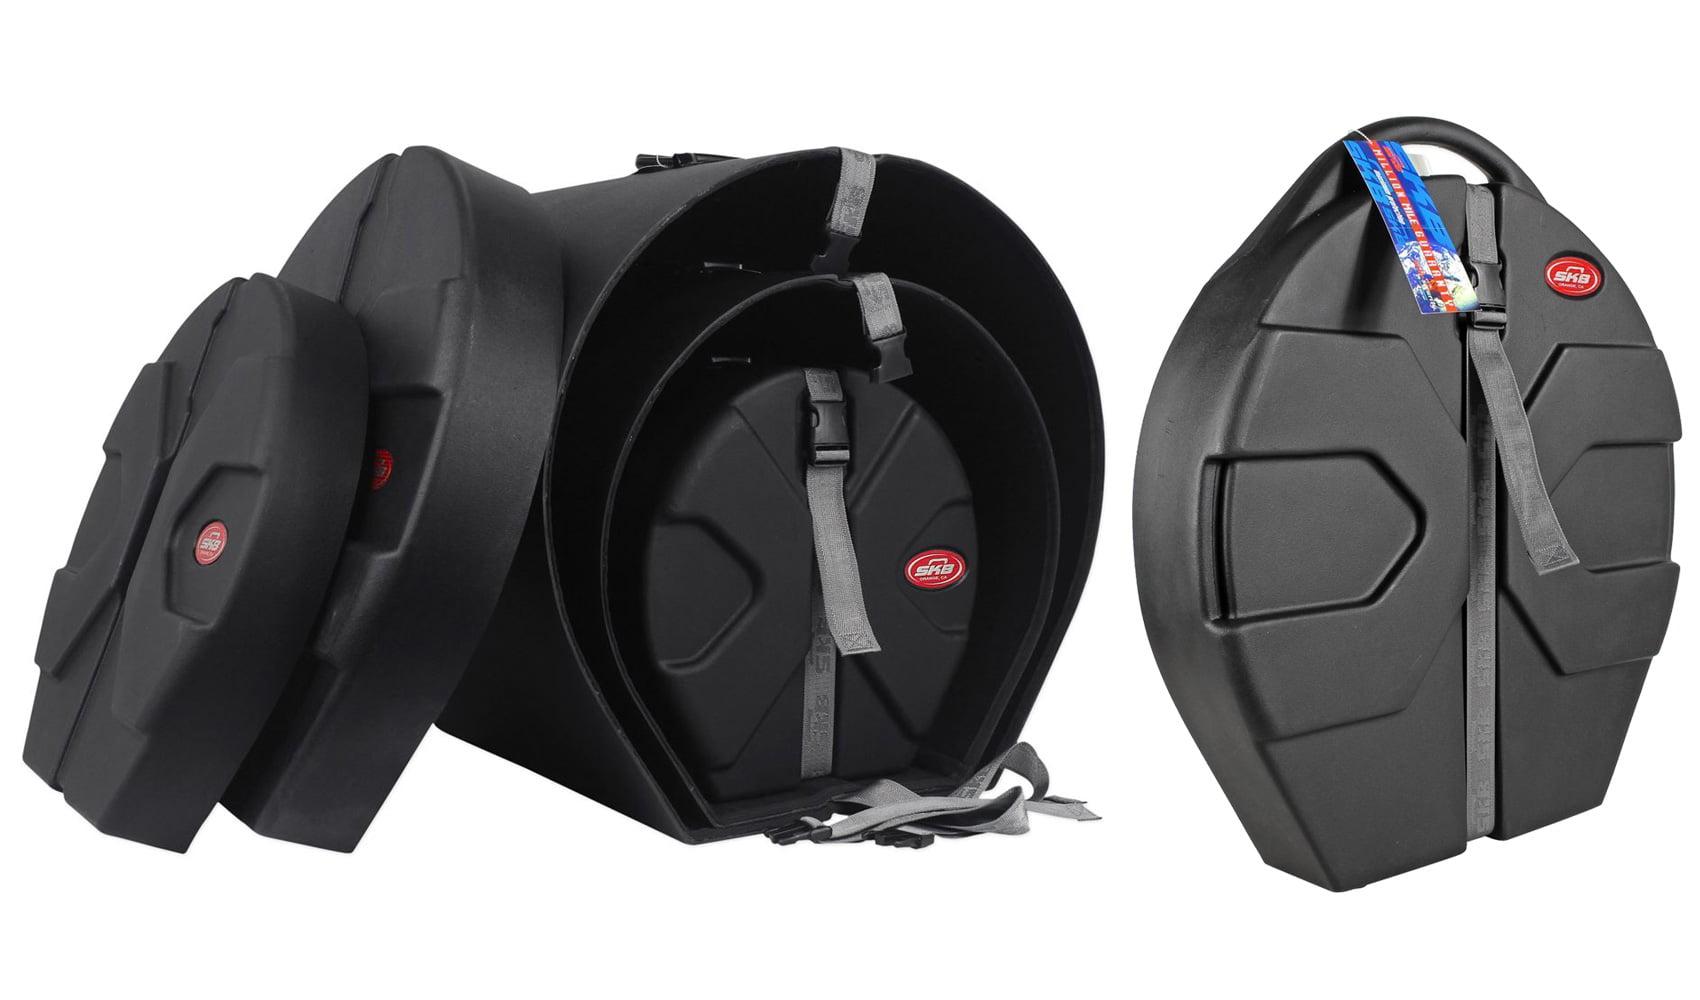 SKB 1SKB-DRP3 Includes D1620 D1012 D1616 Drum Cases+SKB Cymbal Vault Hard Case by SKB